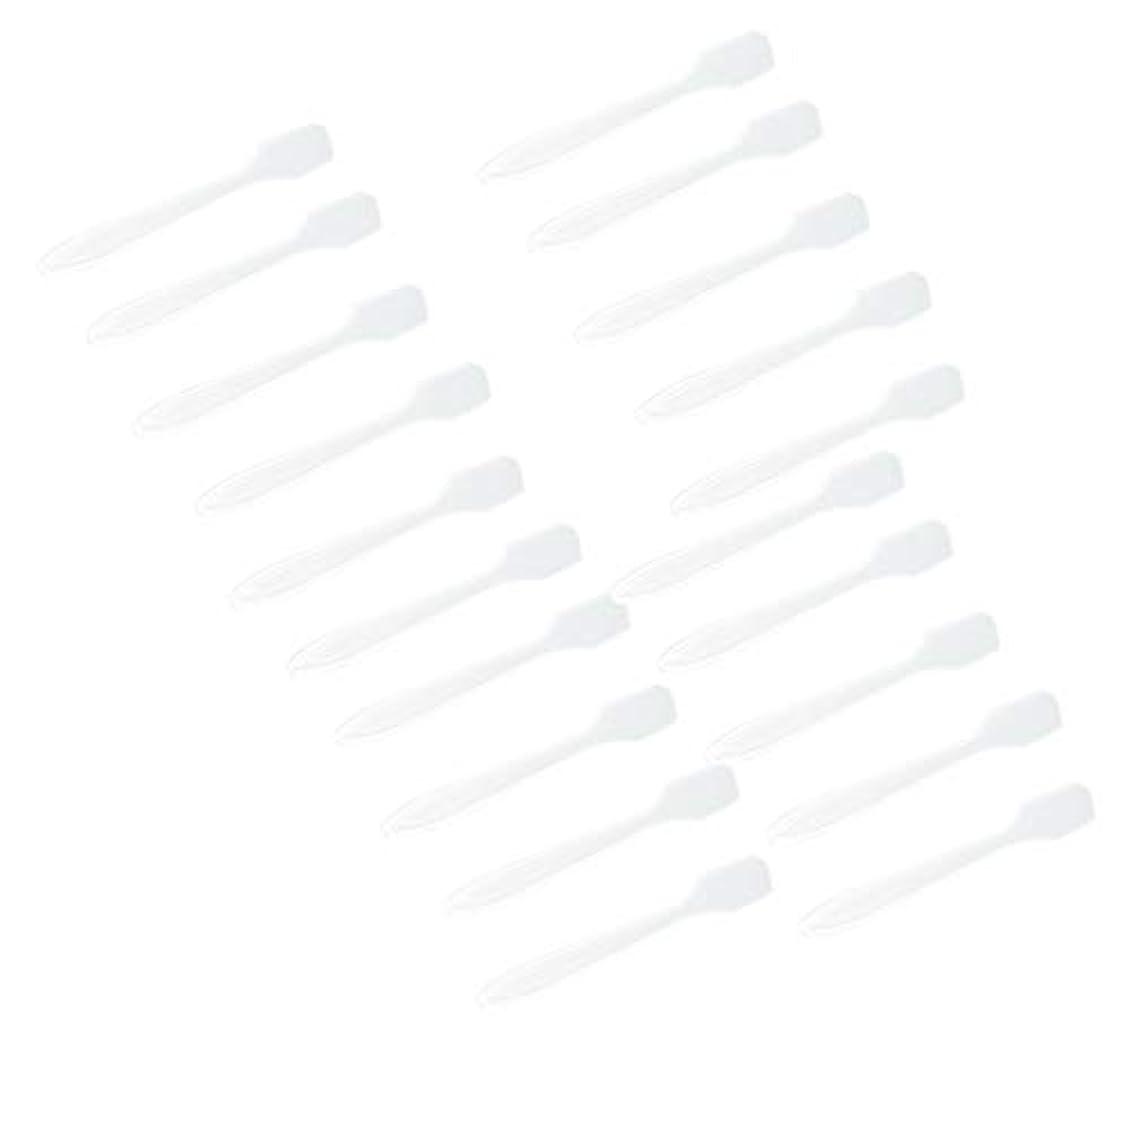 持ってる意志に反するパラメータ100pcs使い捨て化粧品へらミニフェイスマスクスプーン - 簡単ミキシングAppling - クリア